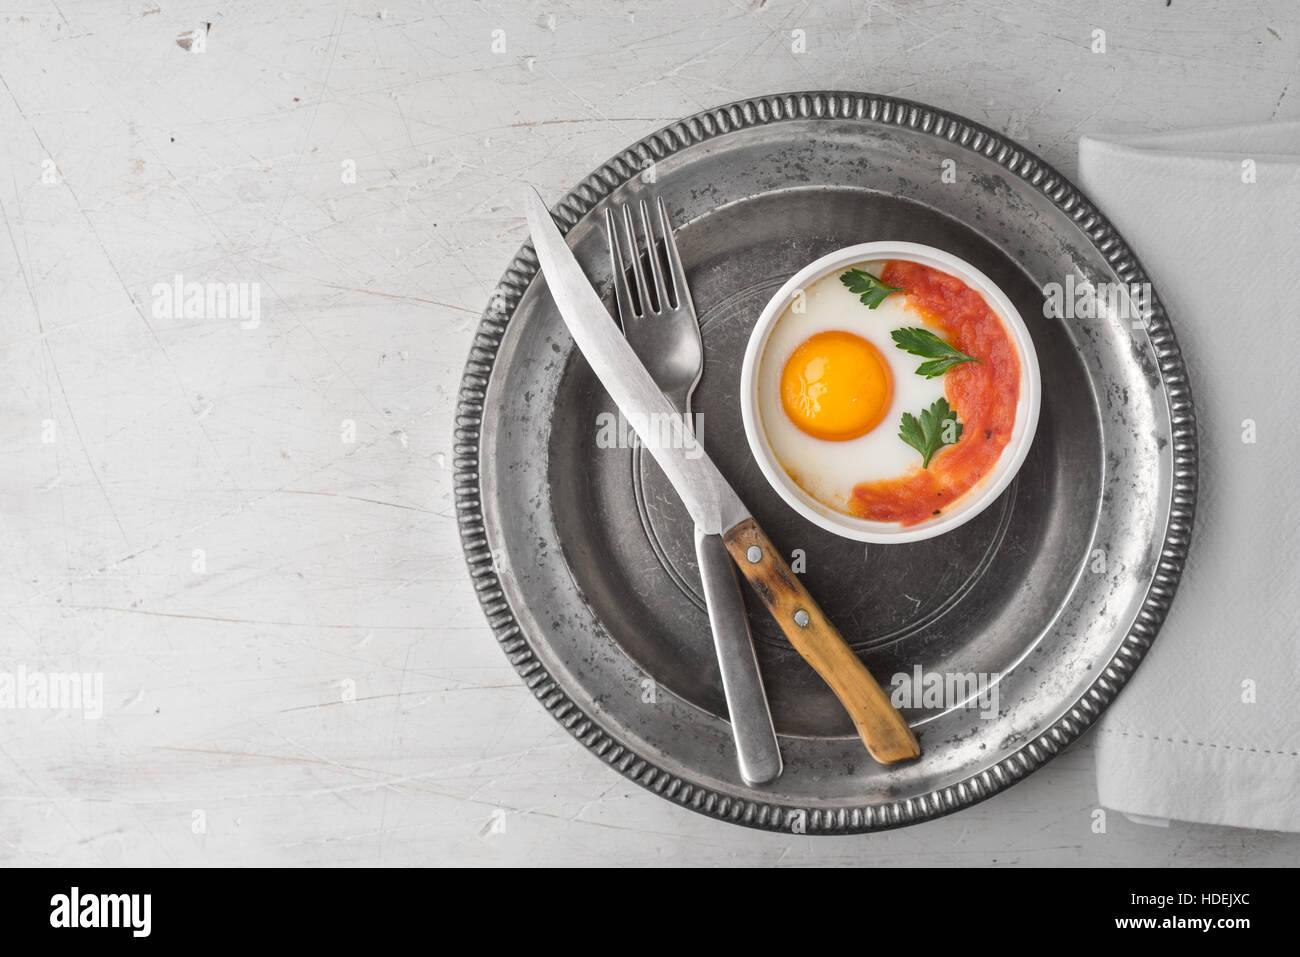 Oeufs cuits au four avec tomates et le persil dans les ramequins avec couverts vue supérieure Photo Stock